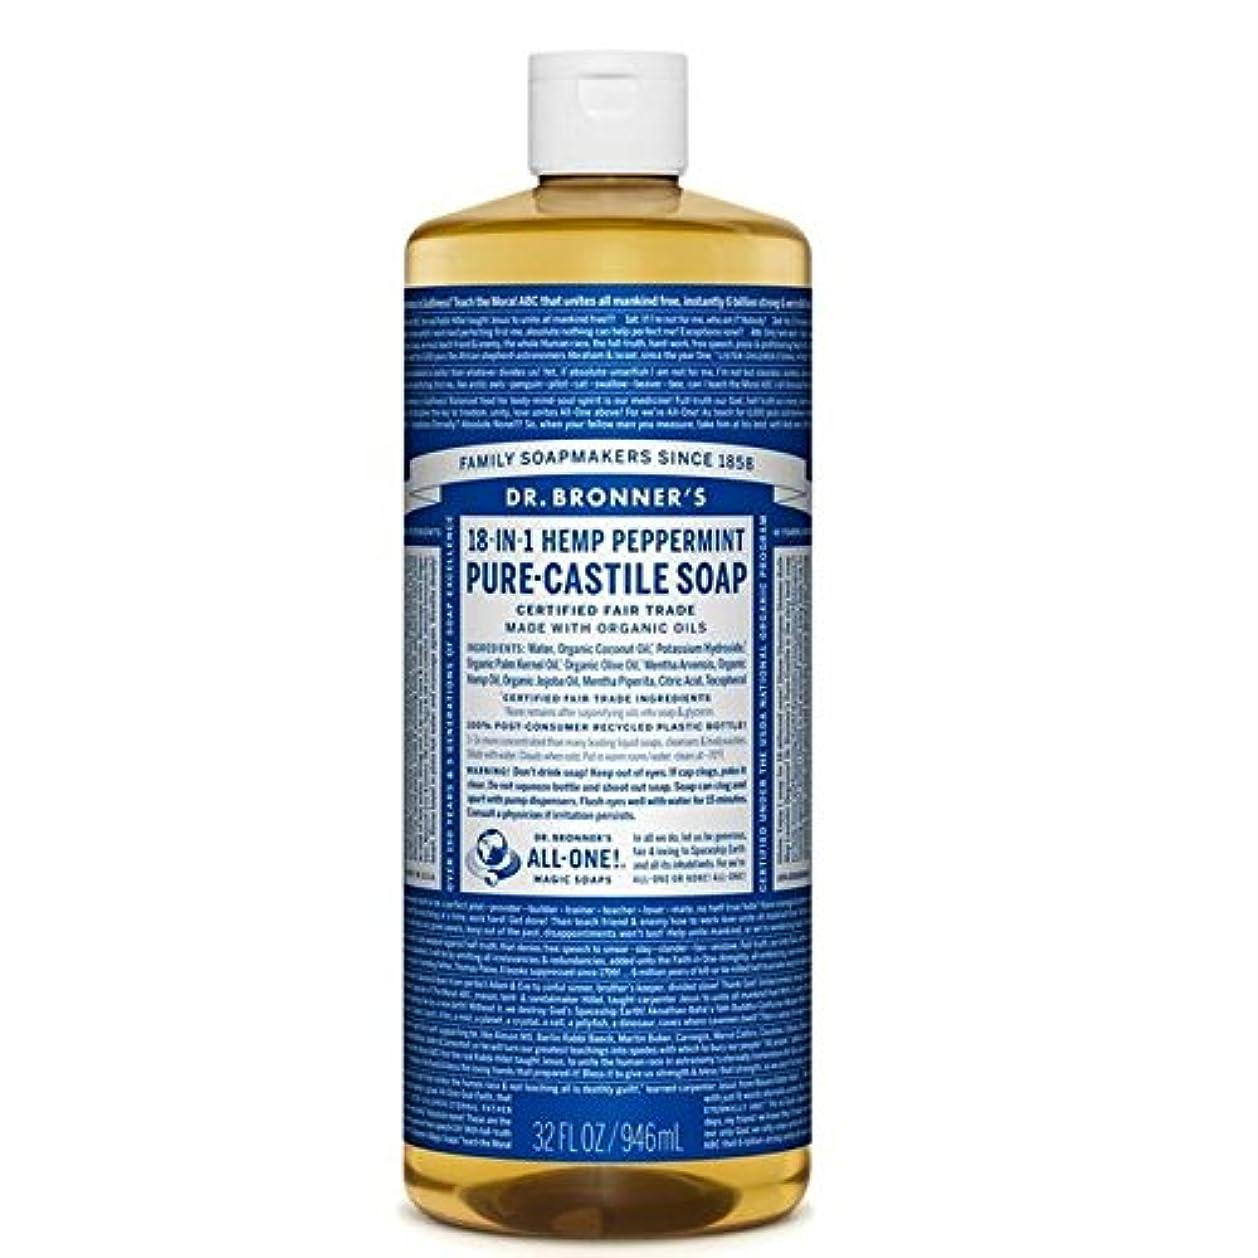 ベルト不十分なはさみのブロナー有機ペパーミントカスティーリャ液体石鹸946ミリリットル x4 - Dr Bronner Organic Peppermint Castile Liquid Soap 946ml (Pack of 4) [並行輸入品]